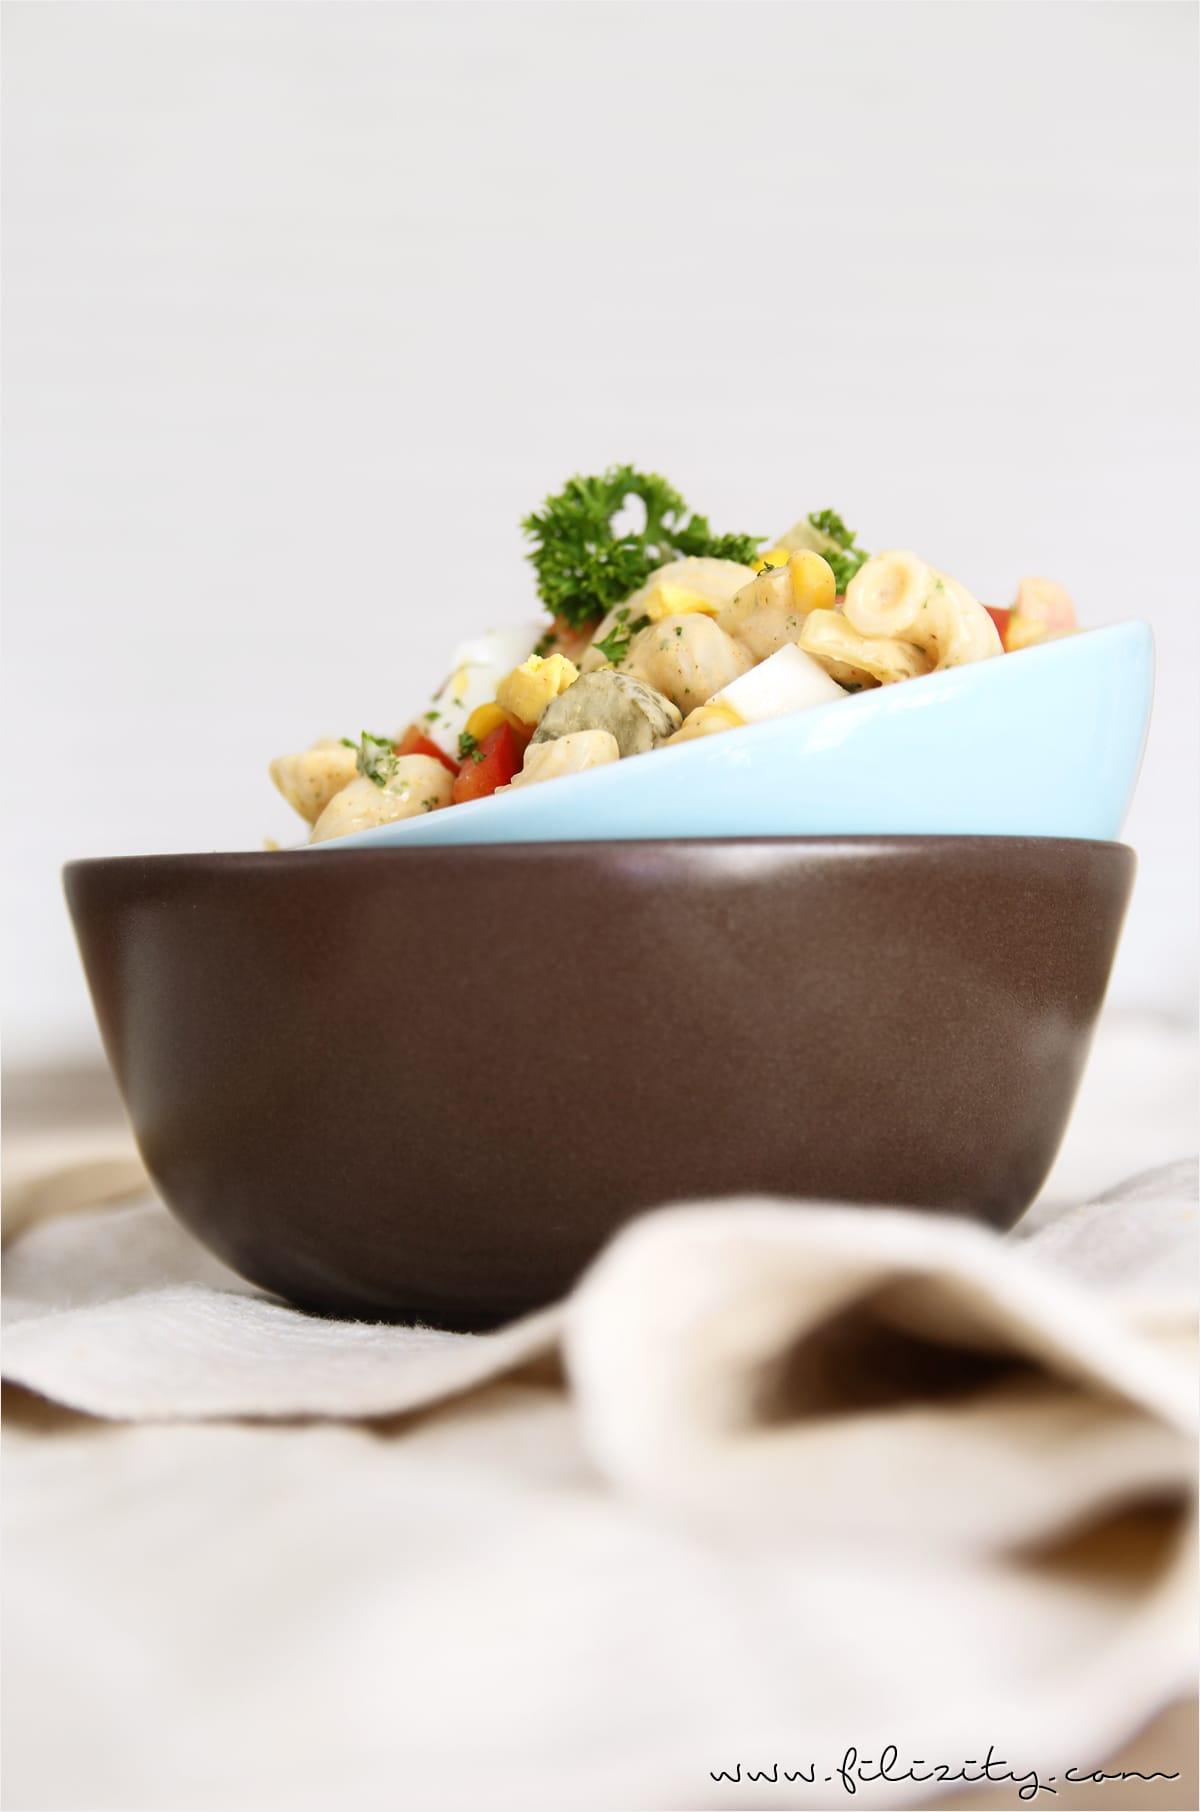 Nudelsalat mit Curry als Partyfood oder Beilage zum Grillen | Filizity.com | Food-Blog aus dem Rheinland #partyfood #salat #silvester #nye